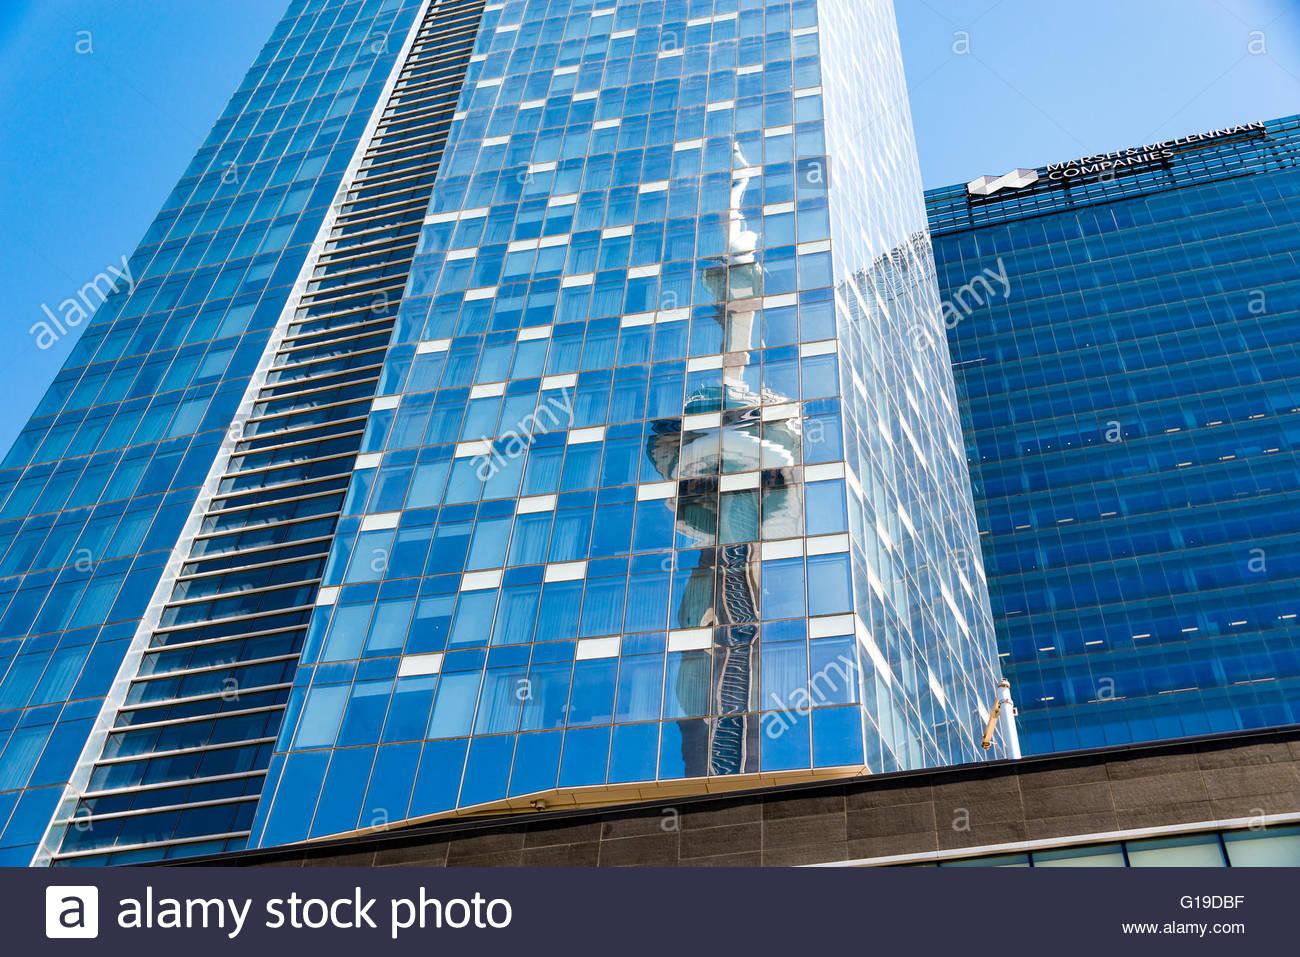 Reflet de la Tour CN, sur les fenêtres de verre de gratte-ciel. La Tour est le symbole de l'histoire canadienne Photo Stock